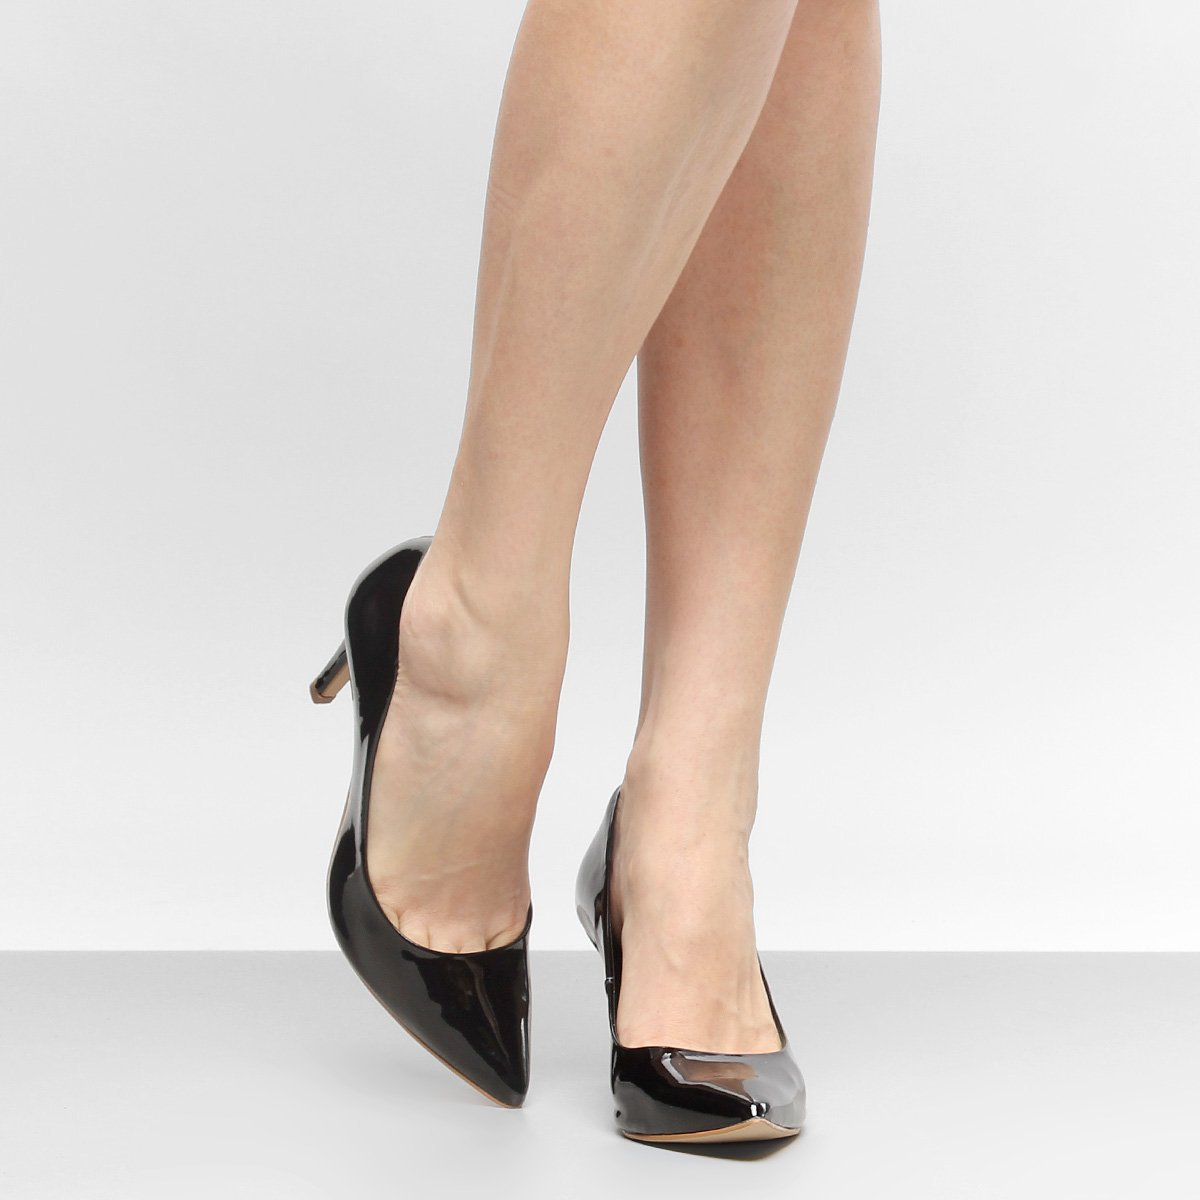 Preto Scarpin Shoestock Shoestock Salto Bico Médio Verniz Scarpin Fino RqdEa8